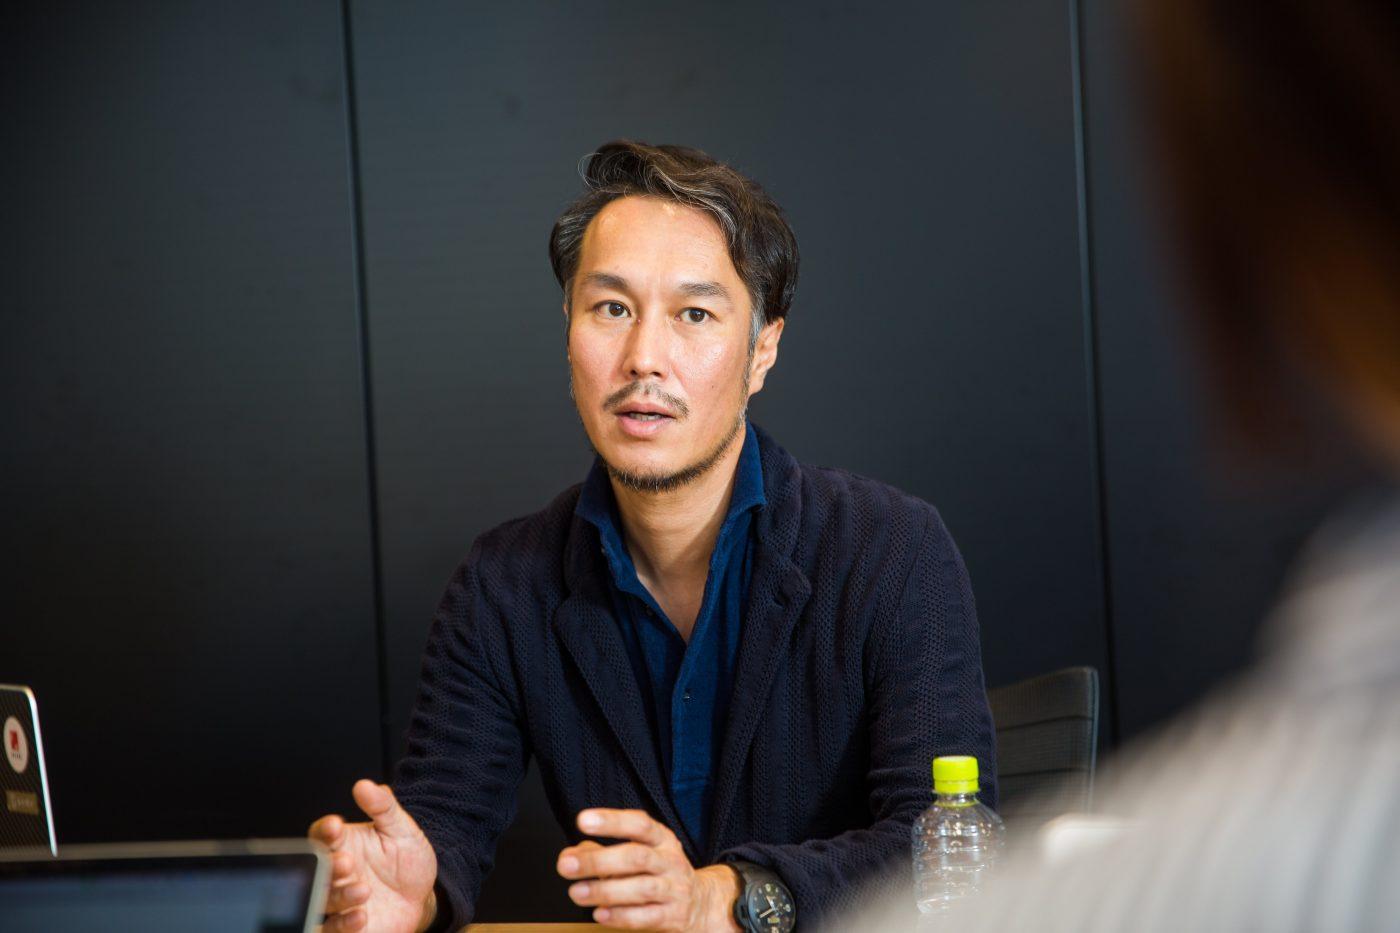 髙松氏が就職活動を行なっていた時代は就職氷河期。周囲の学生を見渡してみると、10人に1人の内定者がいるかどうかというほど、就職の難しい時代だった。